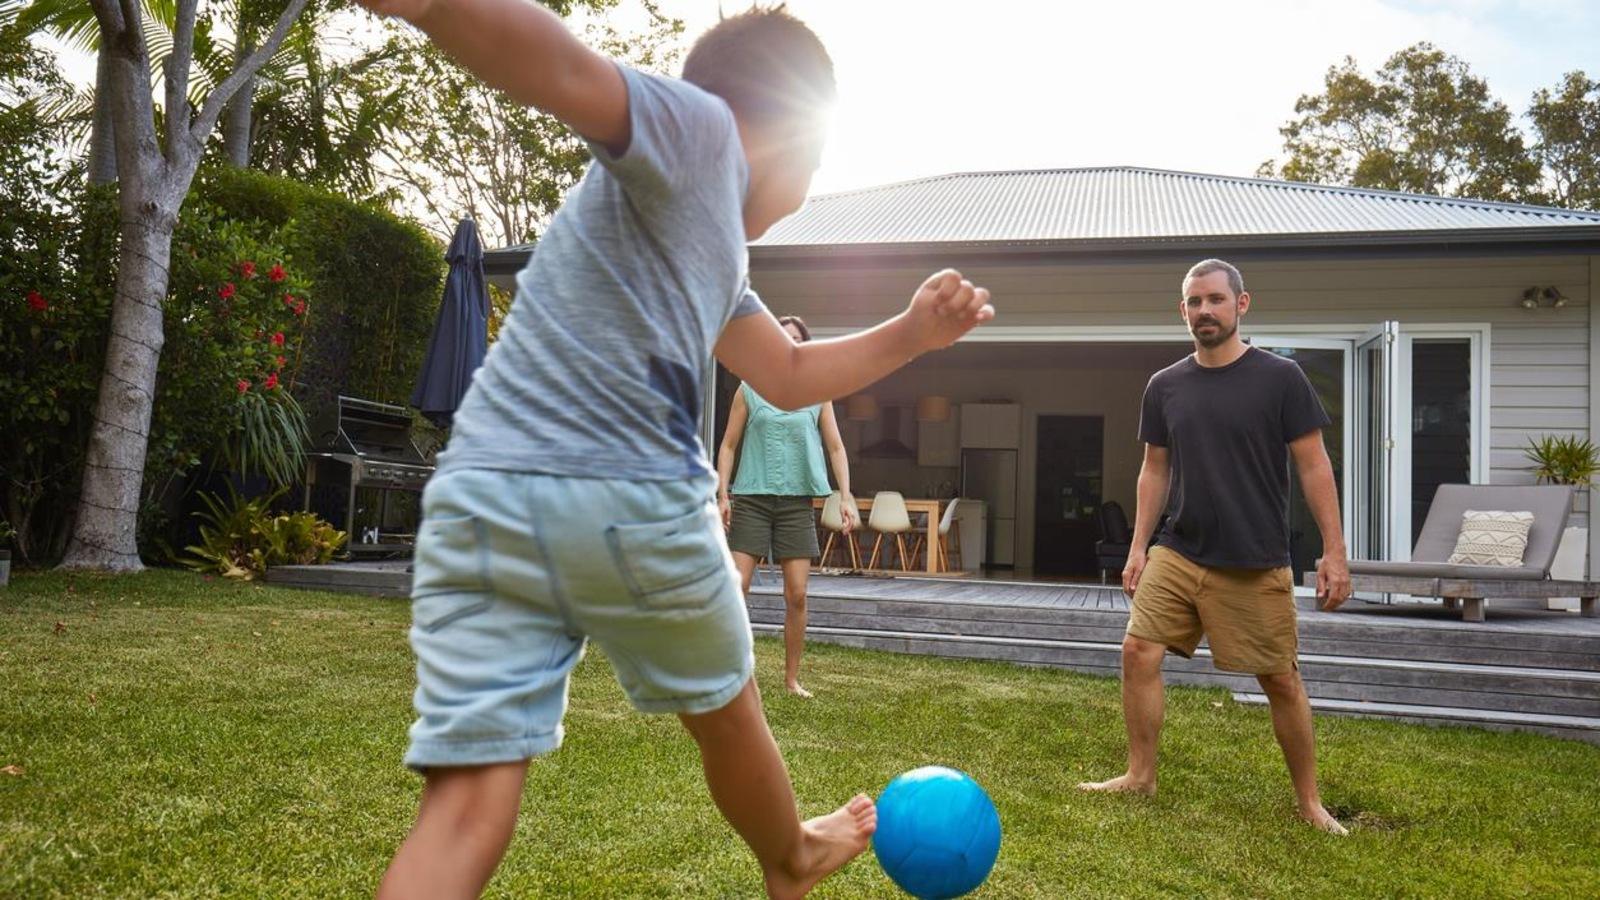 Un jeune garçon s'amuse avec un ballon aux côtés de ses parents.